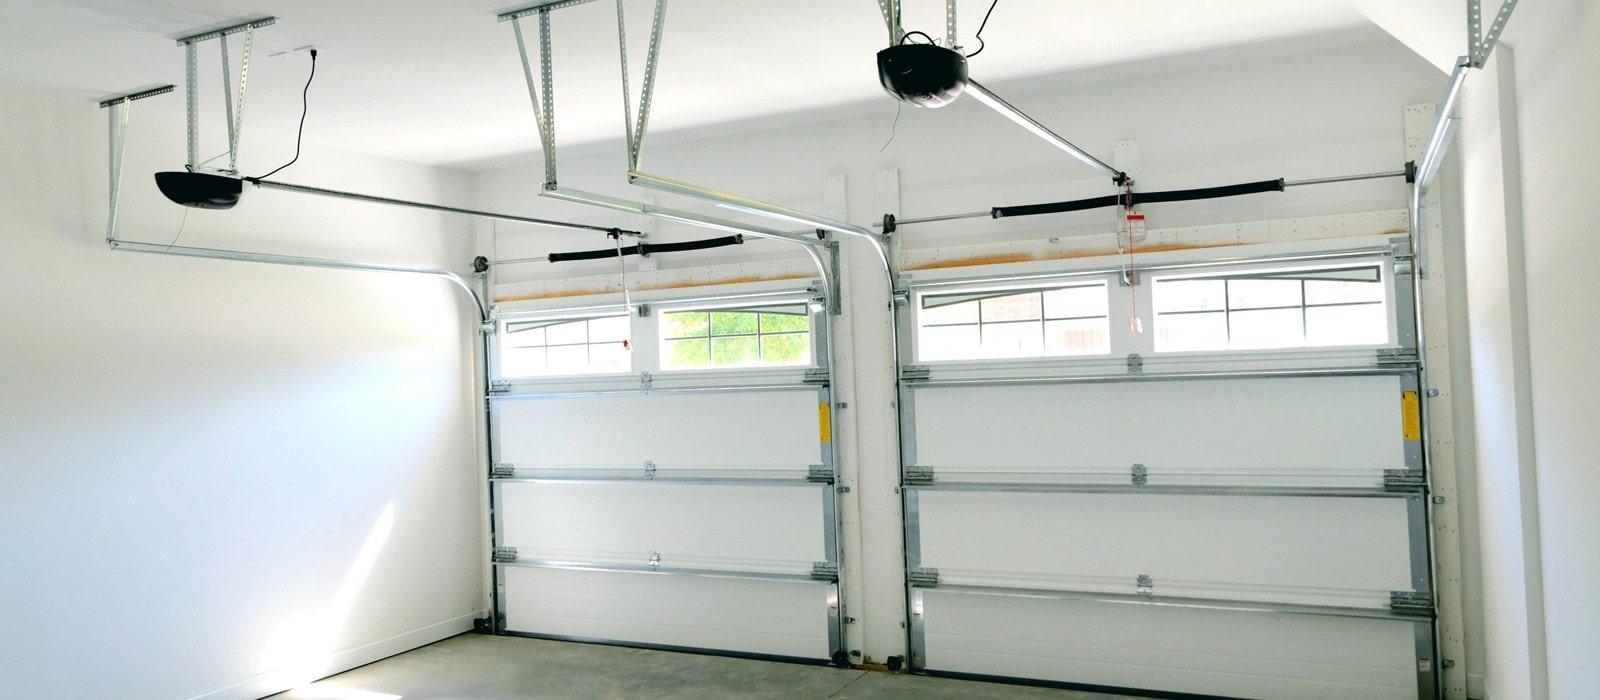 Garage Door Repair Service Within 30 60 Min In Chatsworth Ca 247